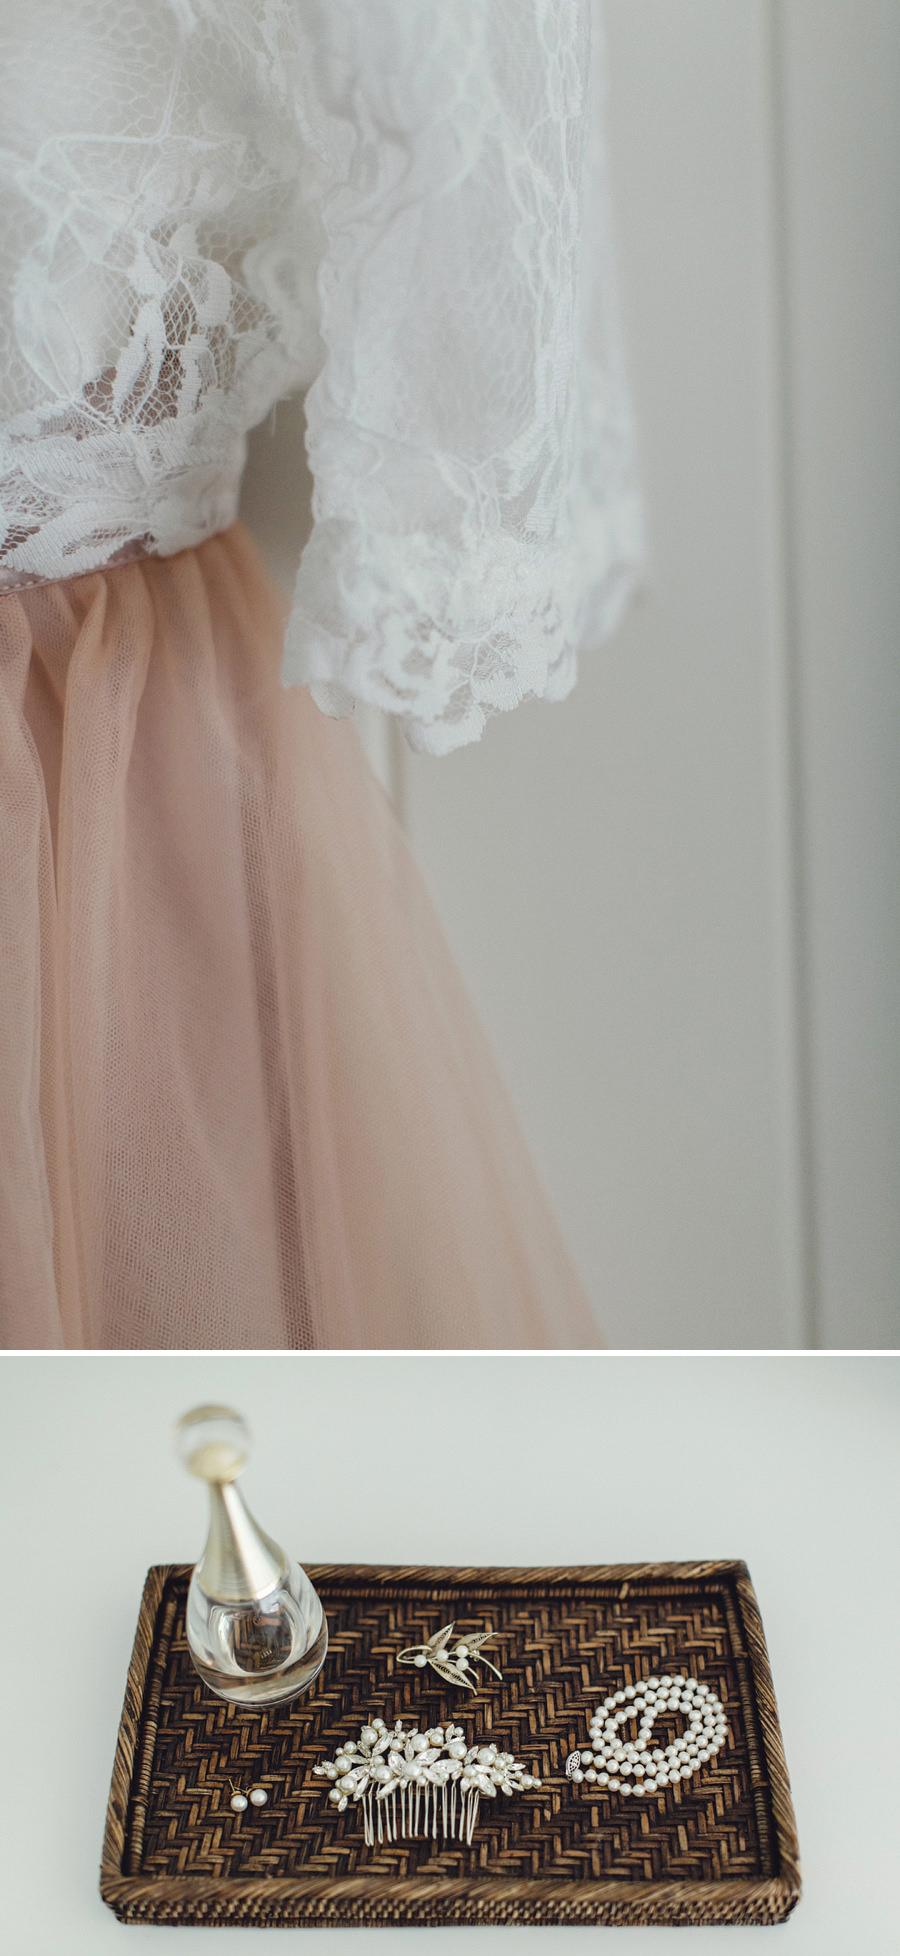 Clareville Wedding Photographers: Bride's details